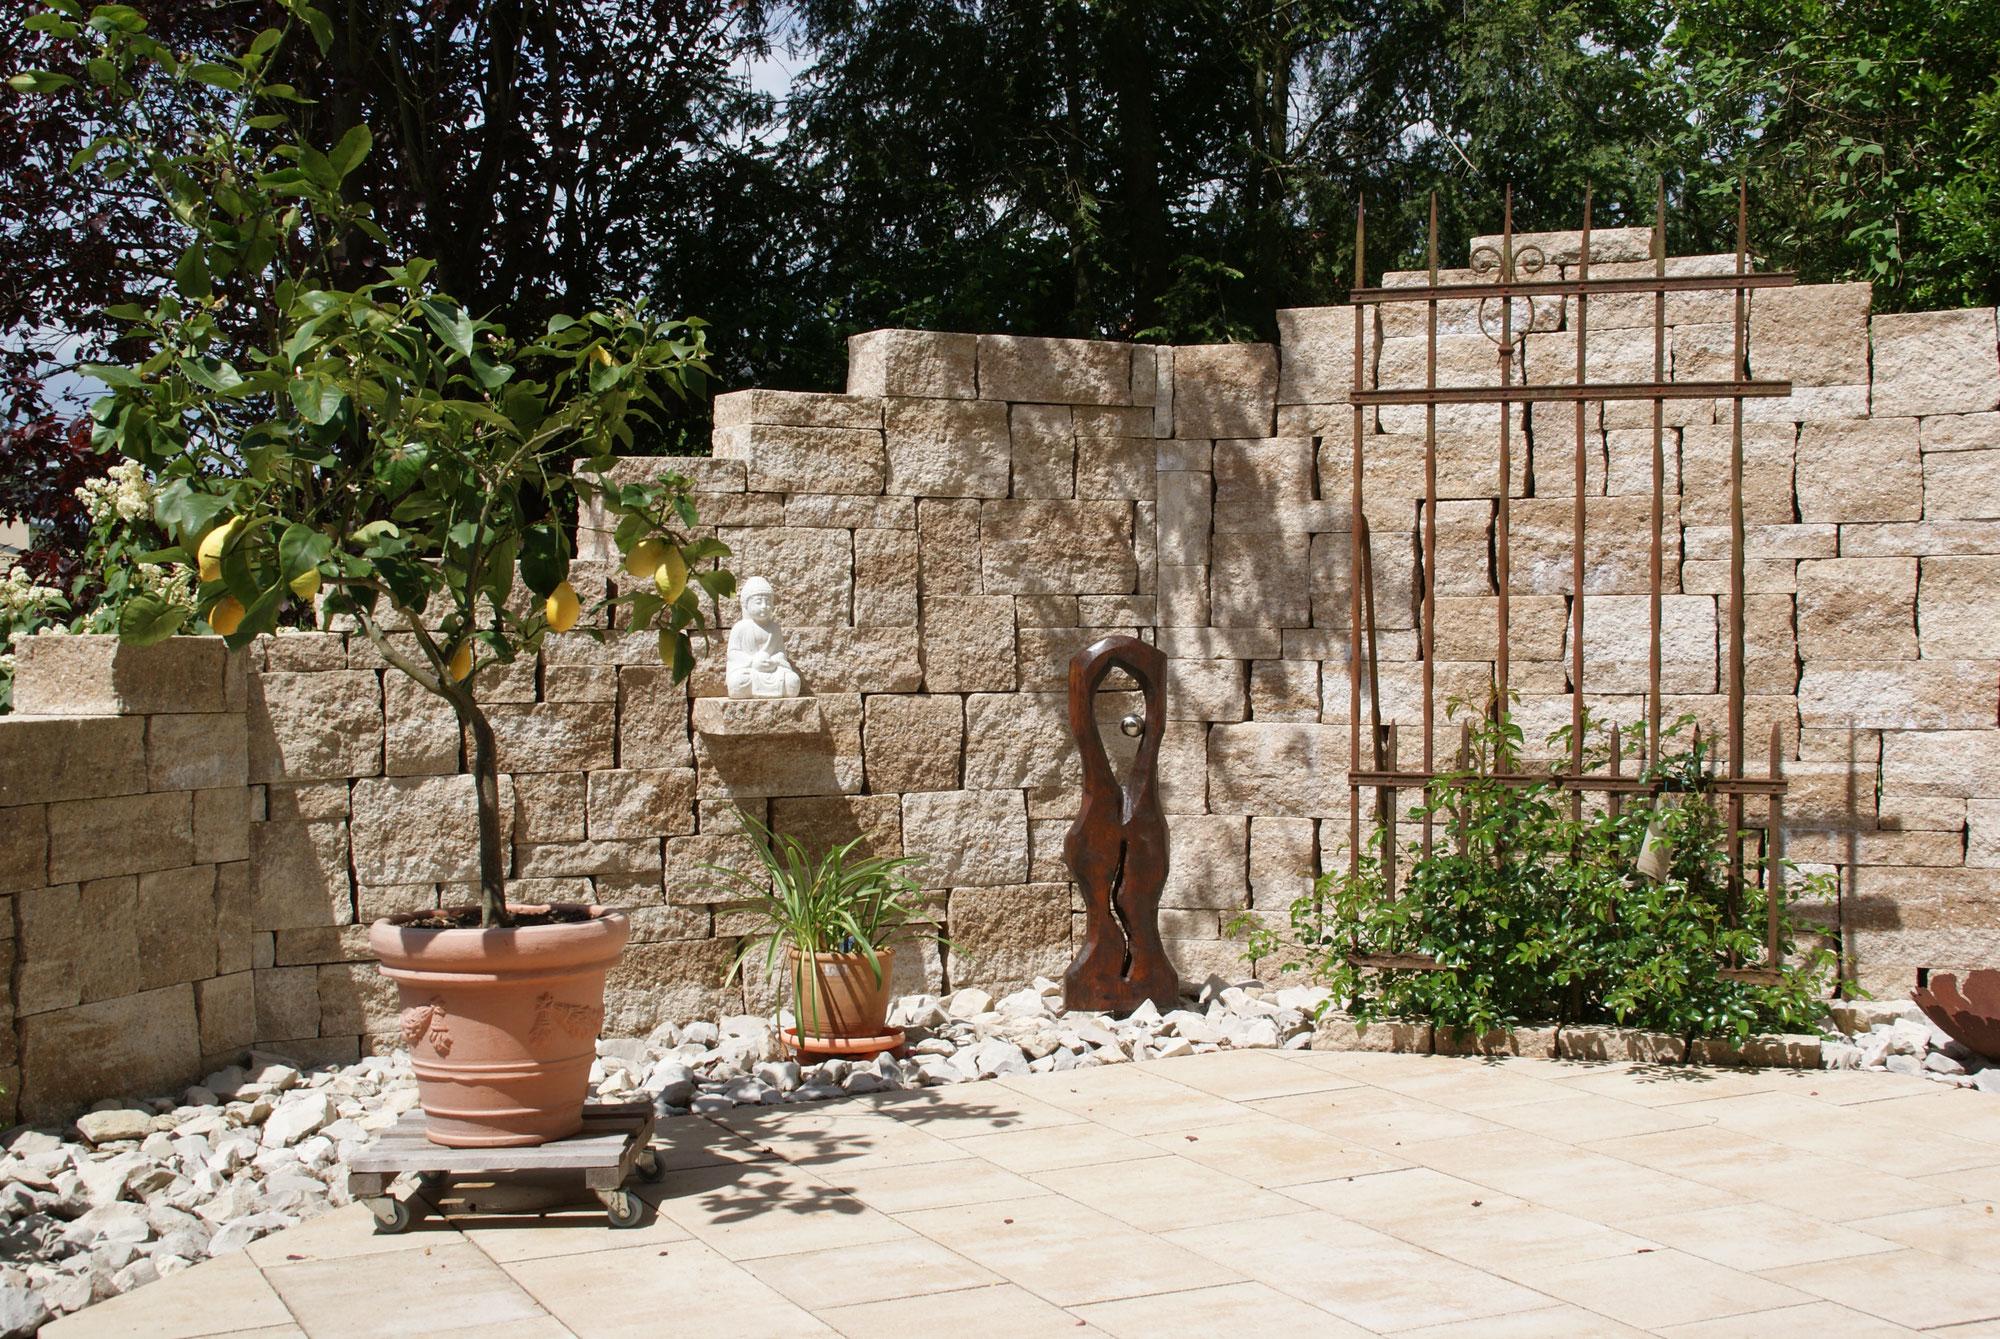 Rms gmbh gartengestaltung garten und landschaftsbau for Gartengestaltung 2000qm